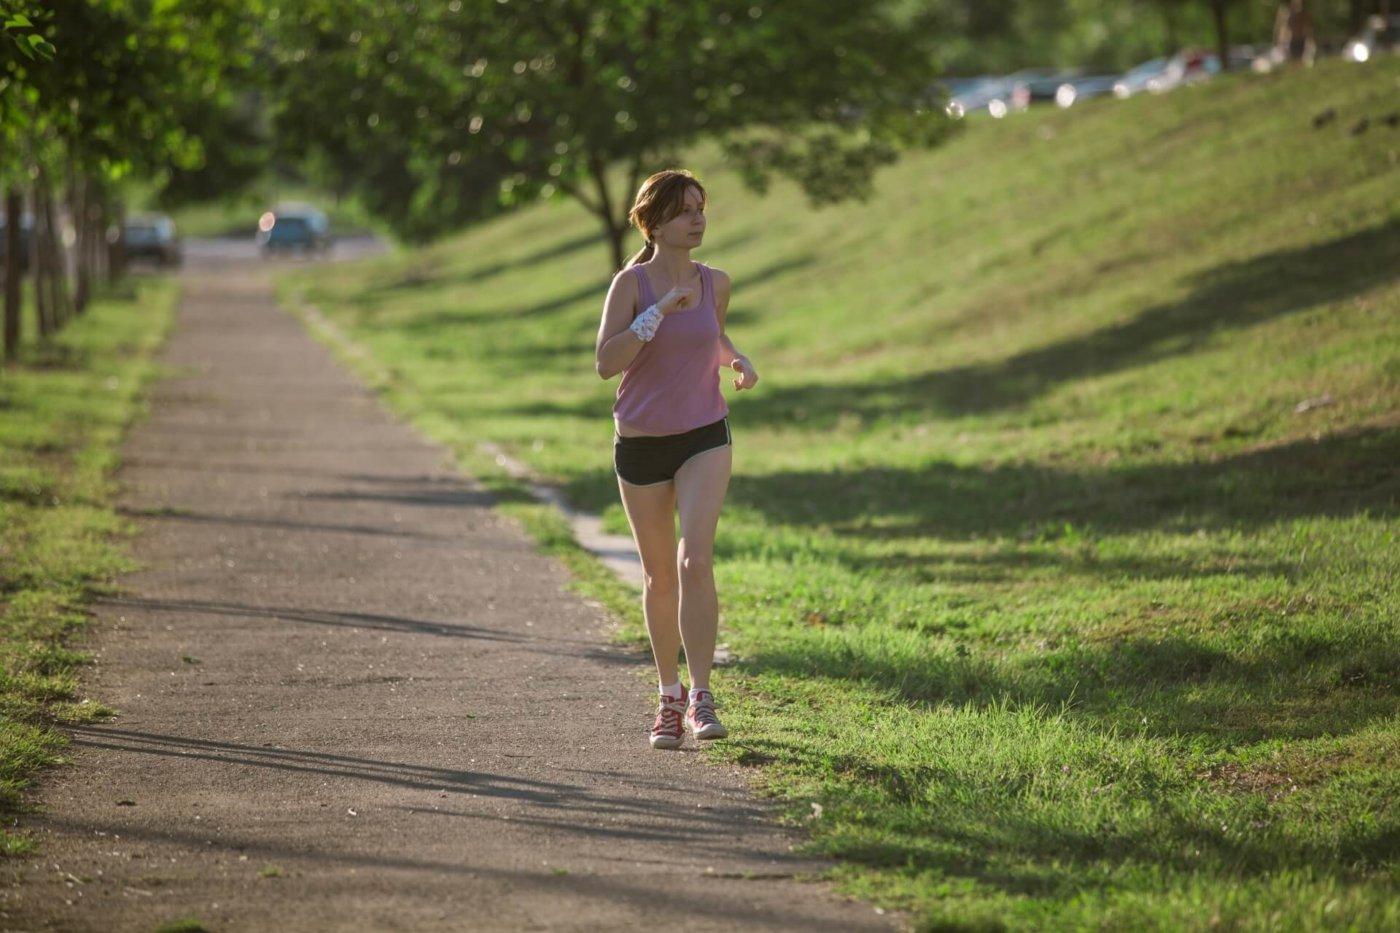 マラソンの距離は何故42.195kmなのか?